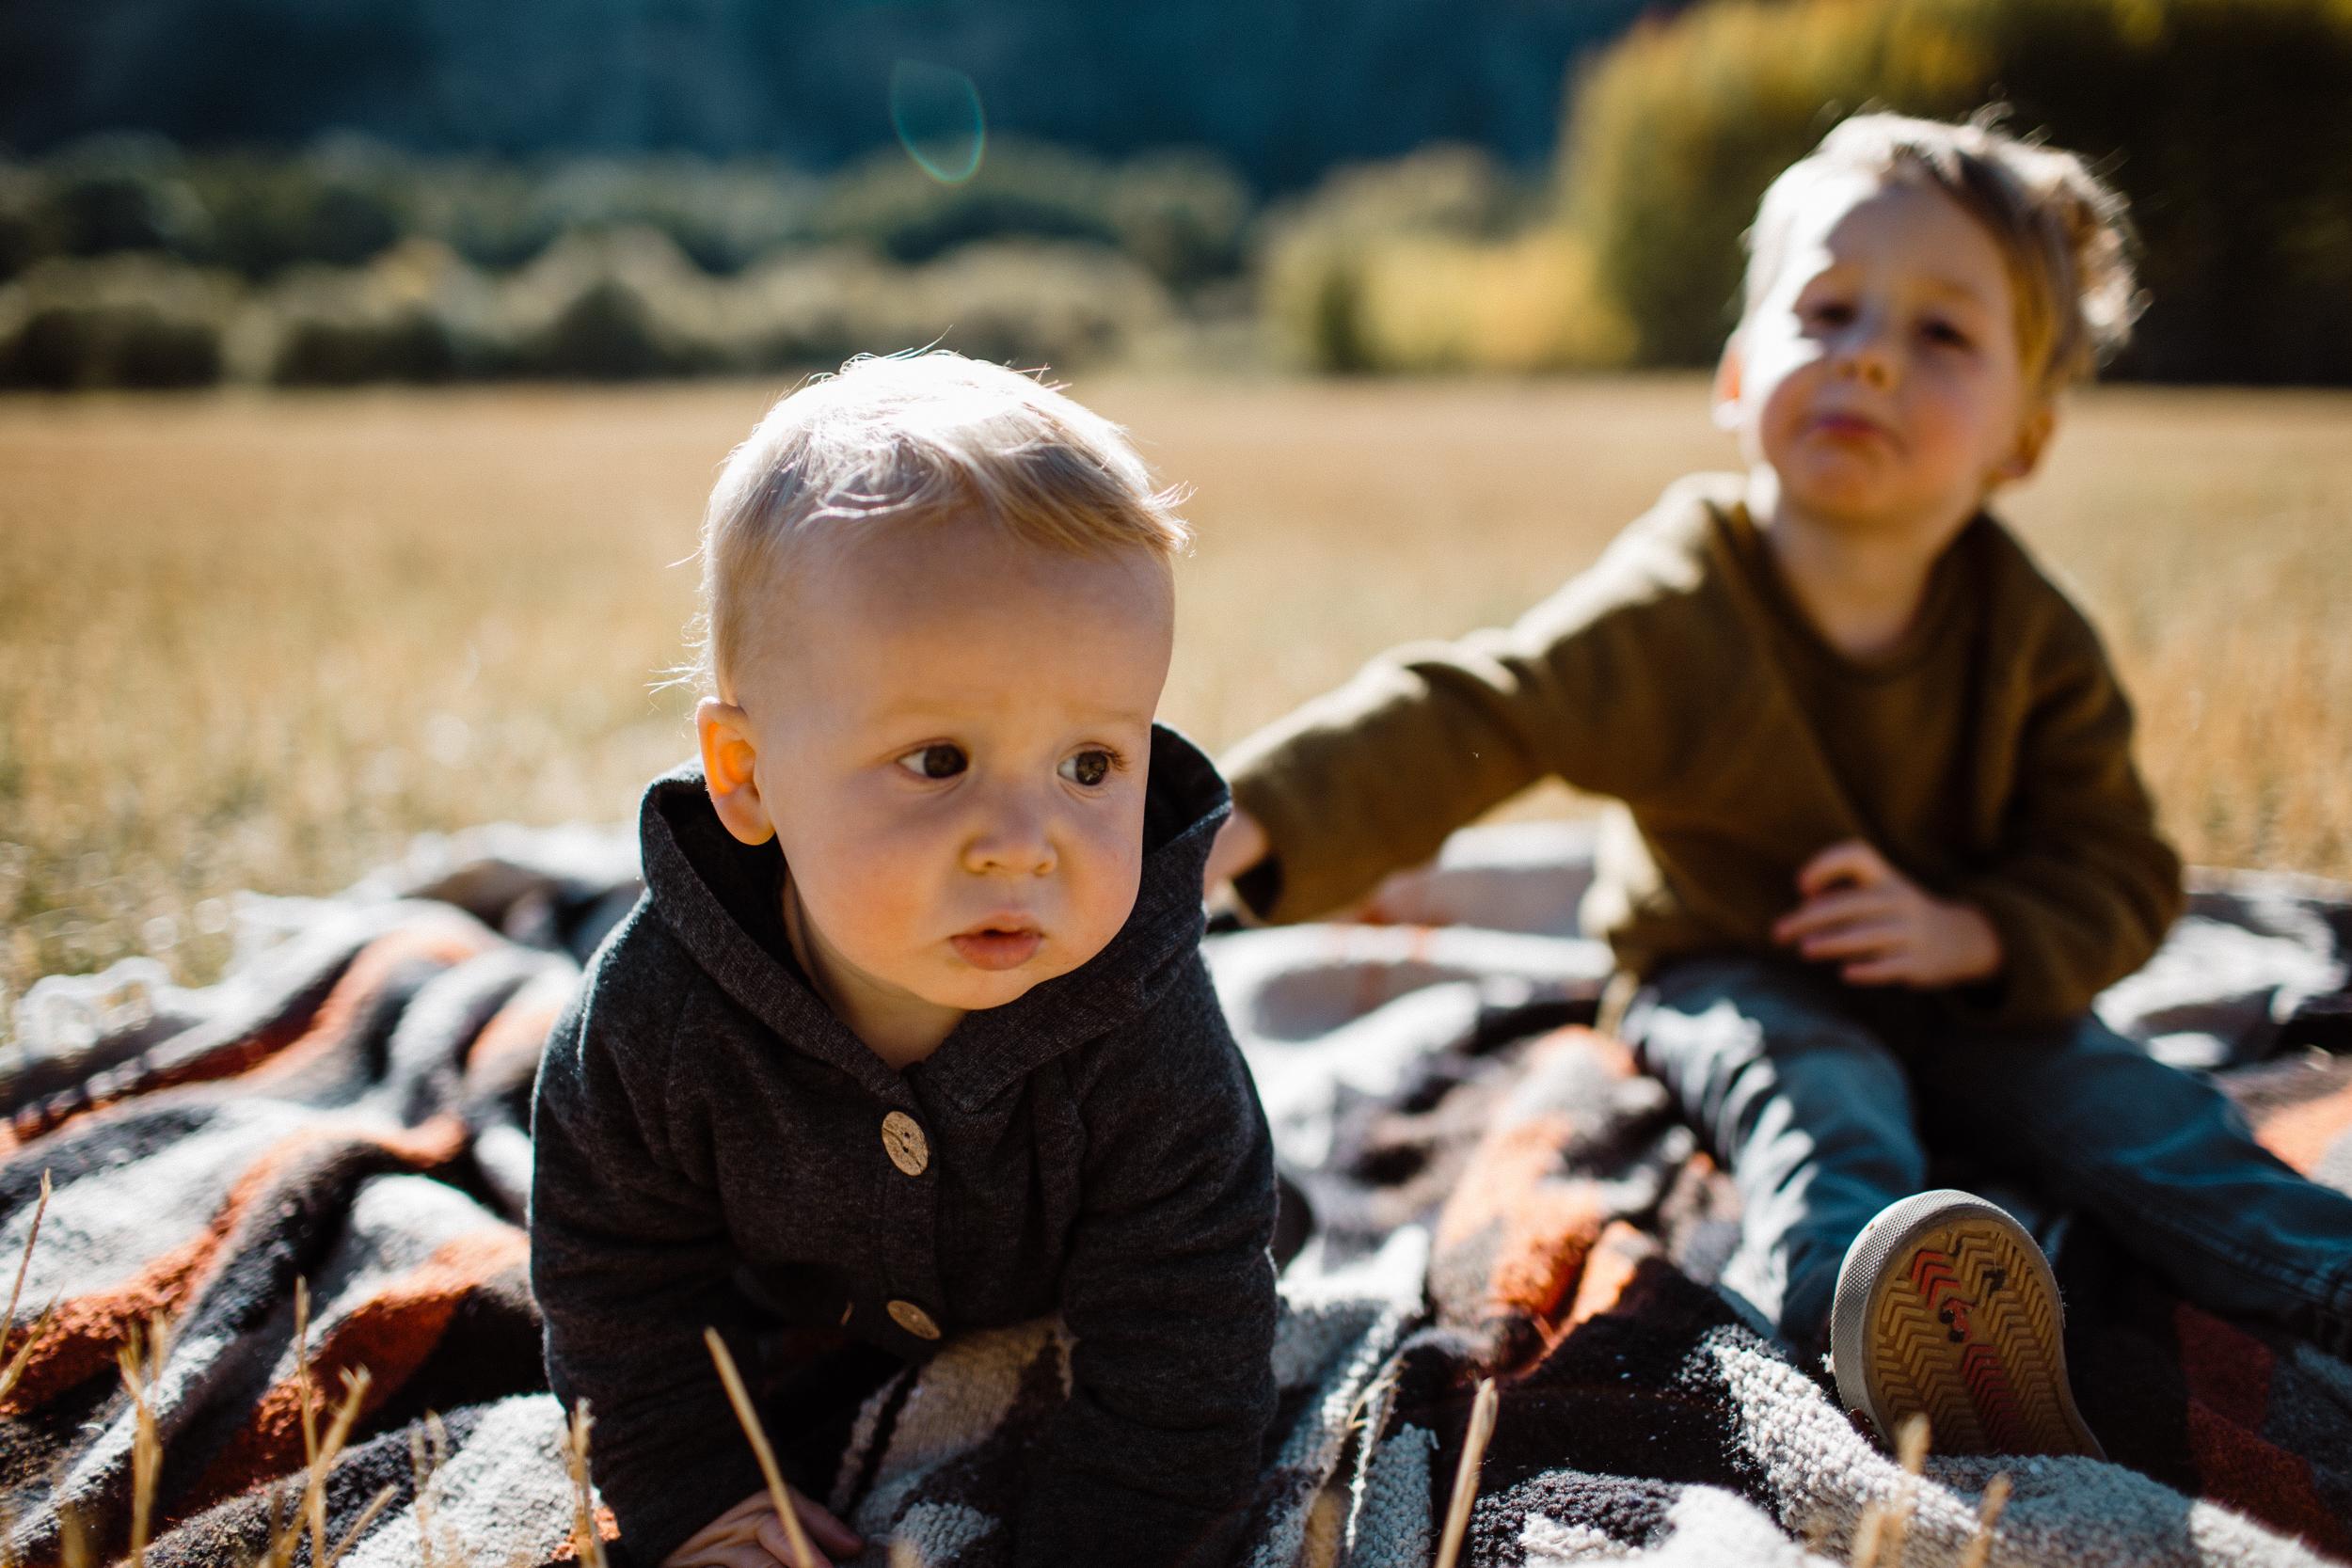 walkerfamily-Sunvalleyfallfamilyphotos-32.jpg